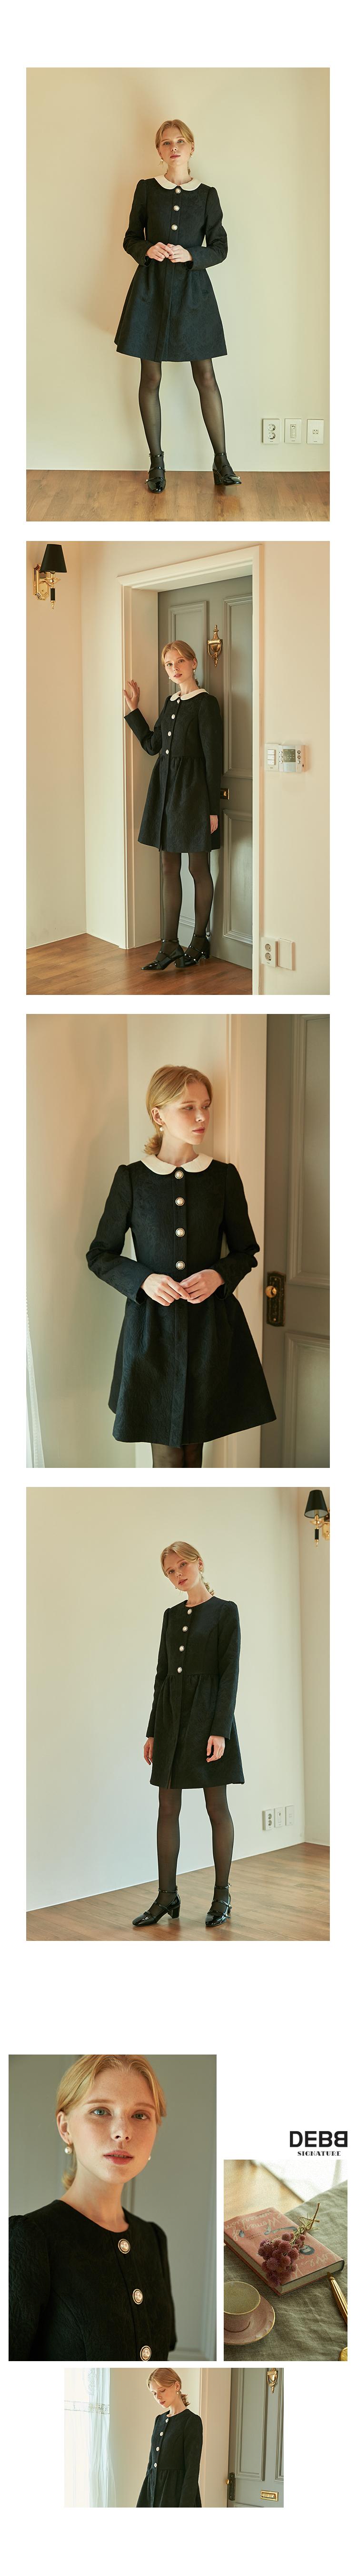 뎁(DEBB) [DEBB Signature][DACMA3001M] 블랙 자카드 드레스 자켓